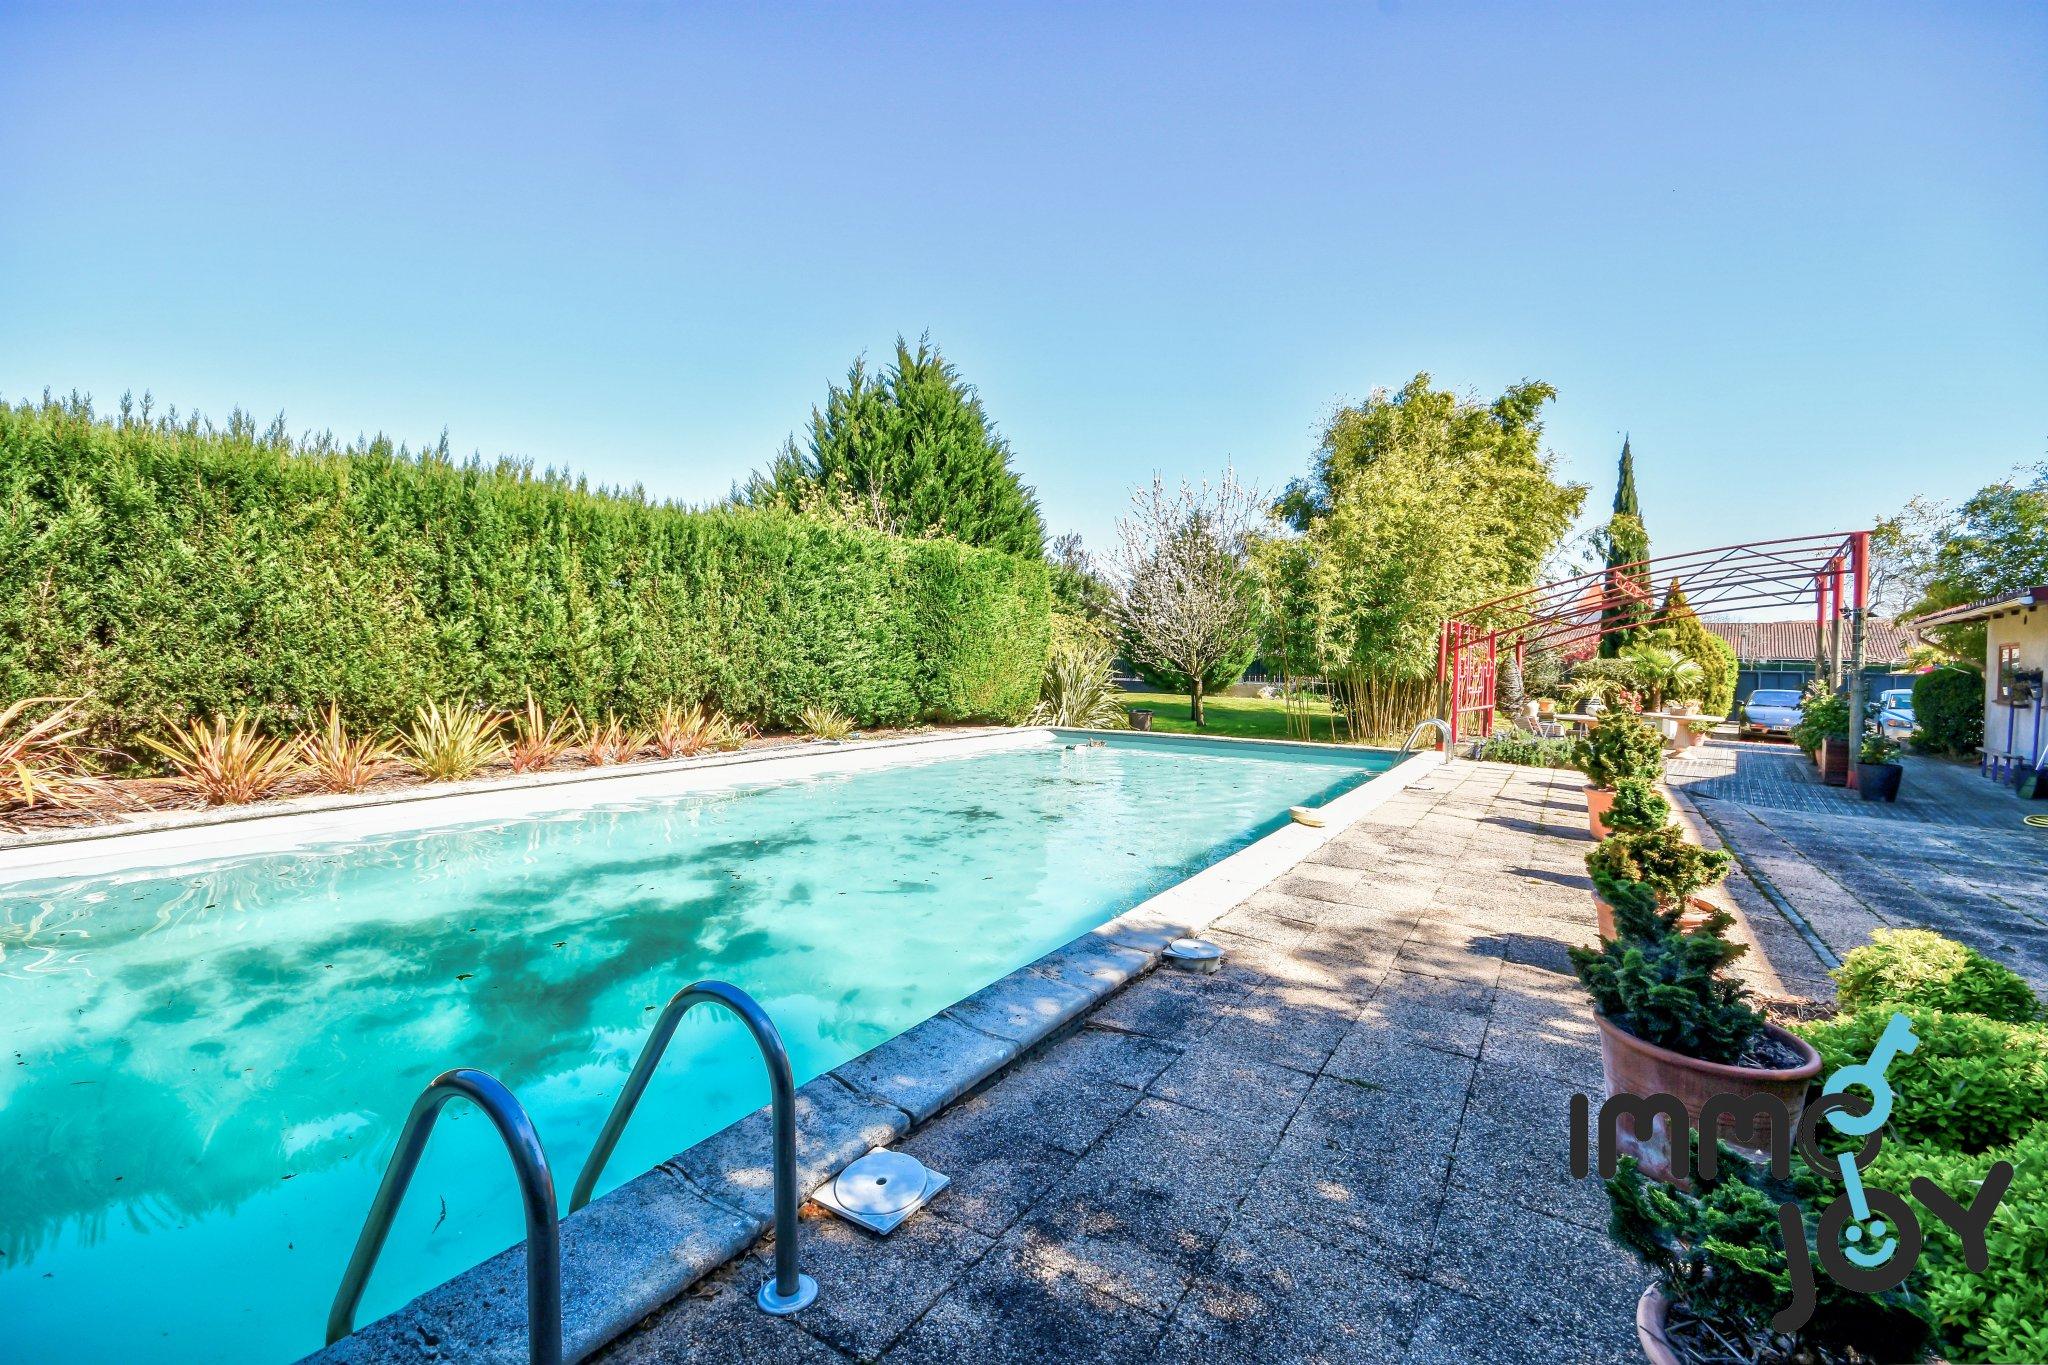 Toulouse - Habitation Atypique De 220 M2 (Ancien Club House) - Piscine -  1248 M2 De Terrain + 2 Cours De Squas concernant Piscine Castanet